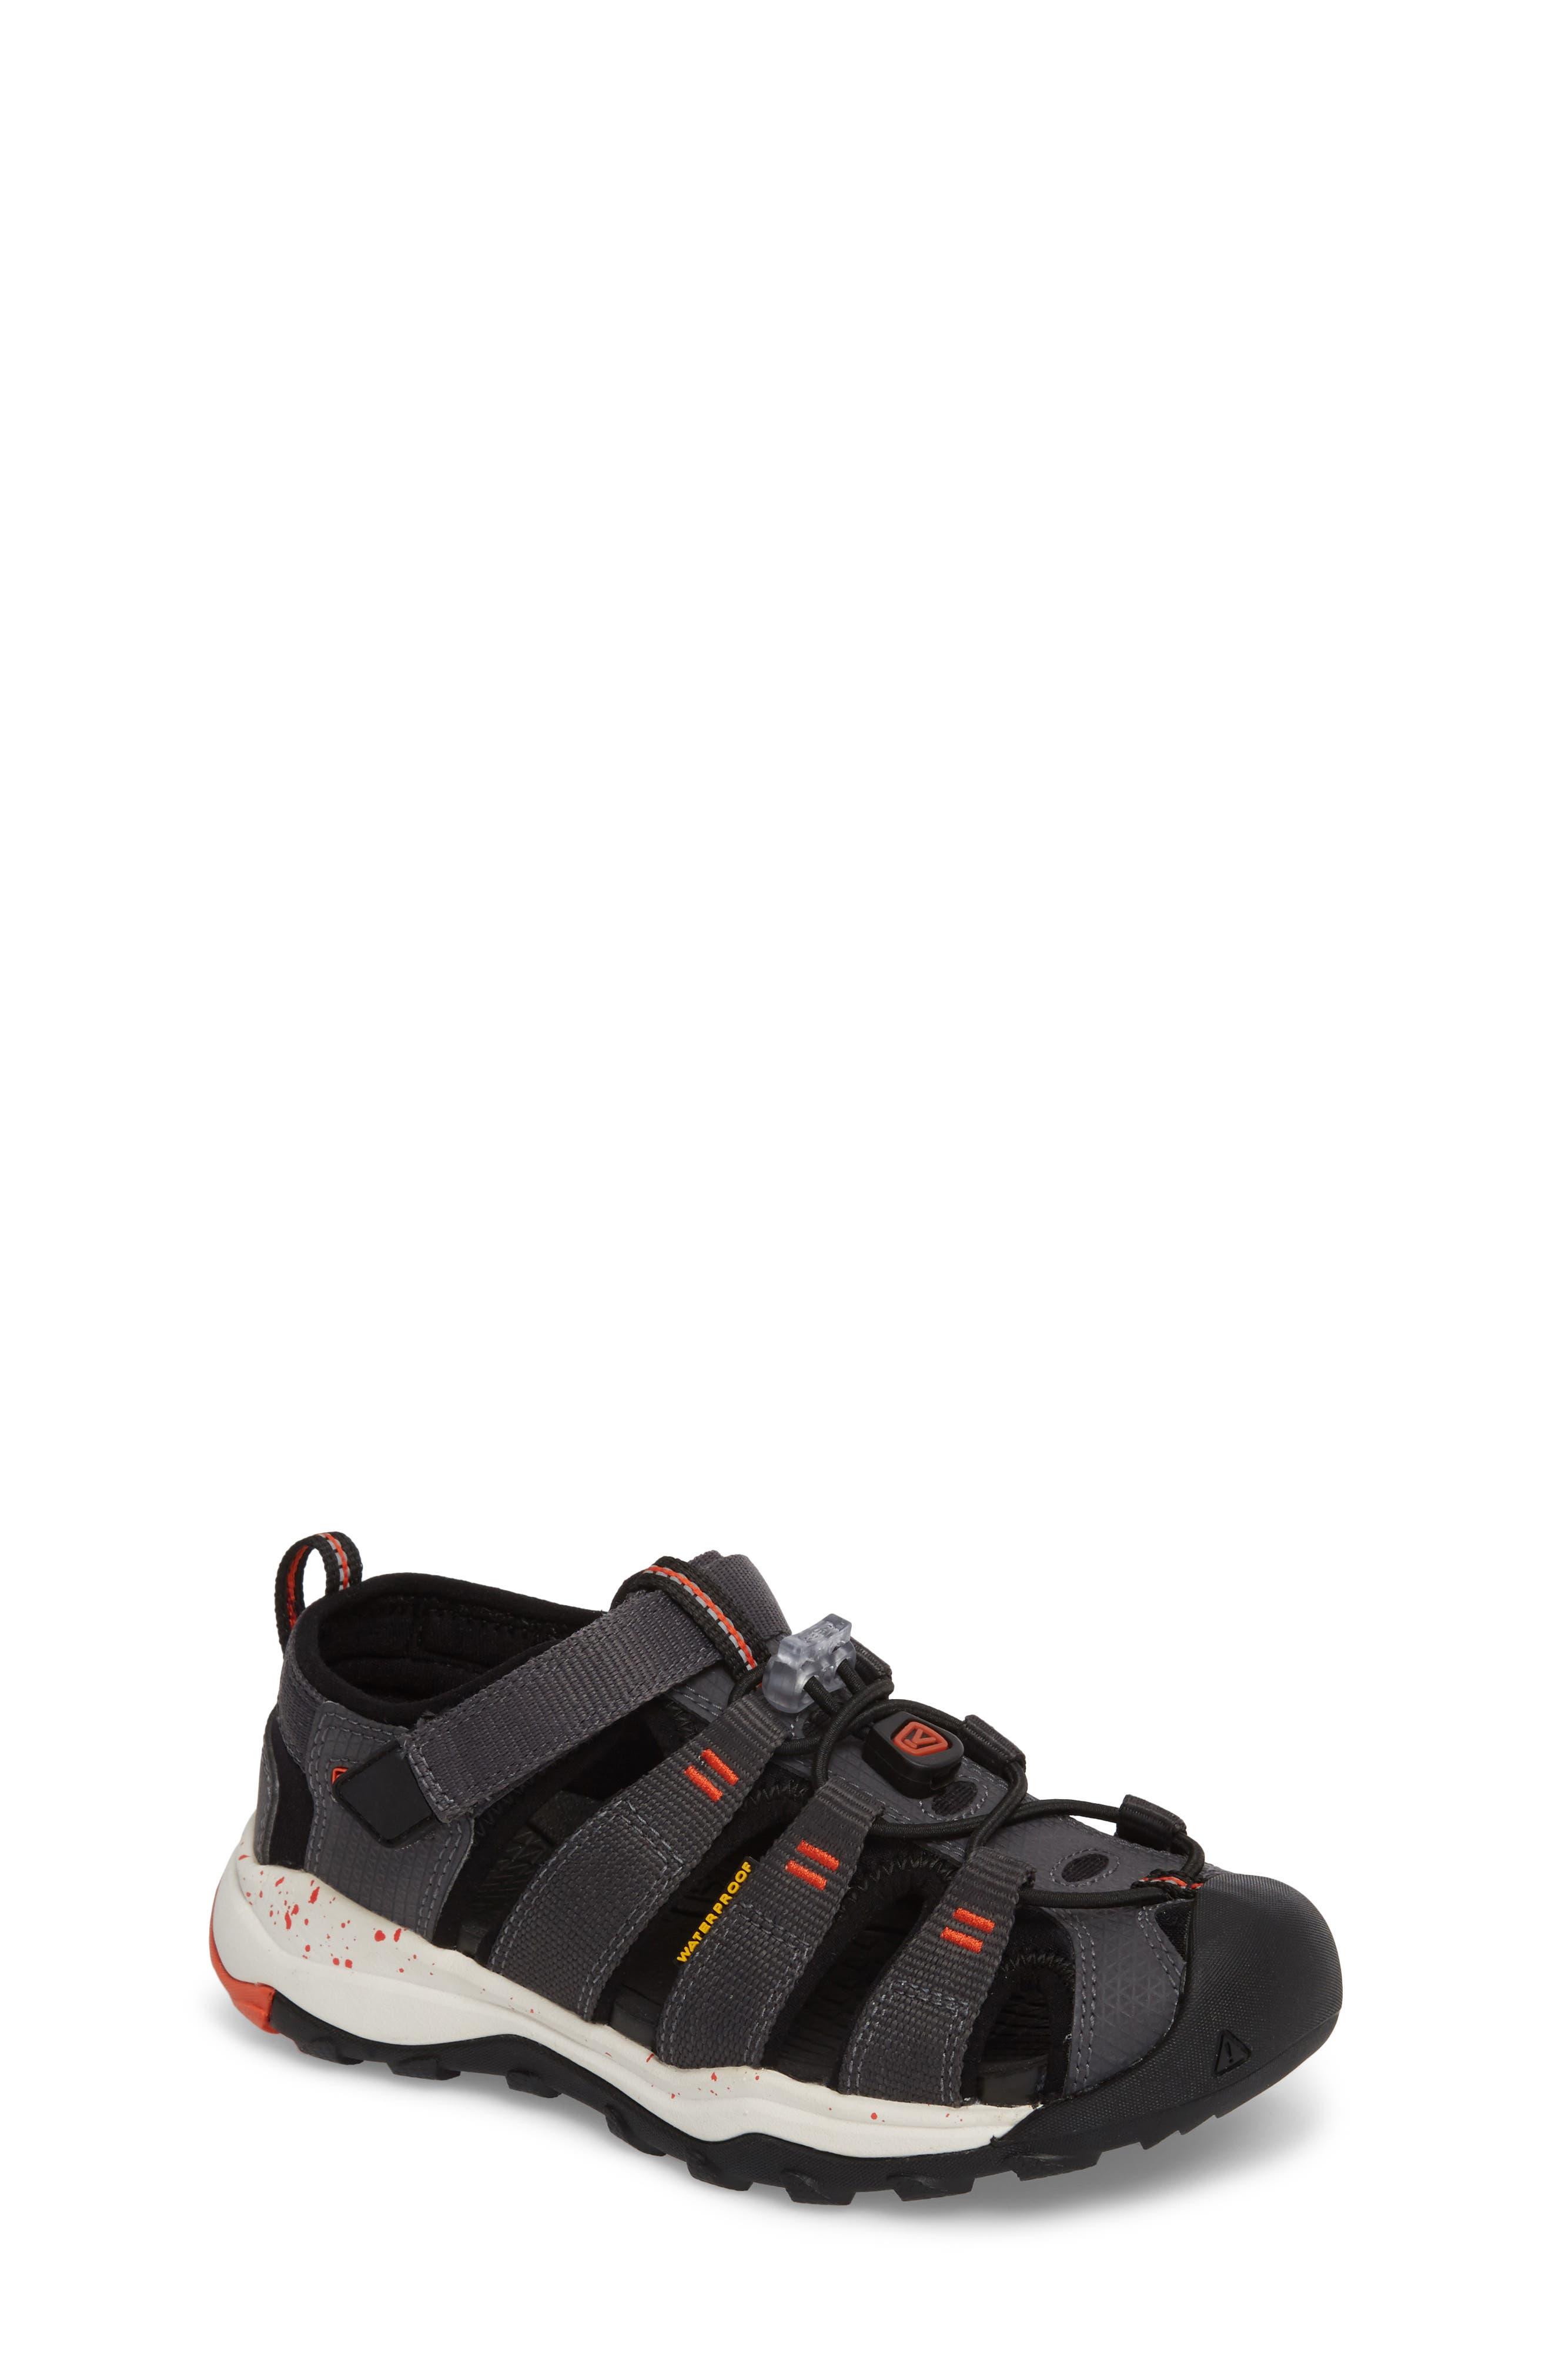 b640d562a0d2 All Kids  Keen   Baby Sandals   Flip-Flops